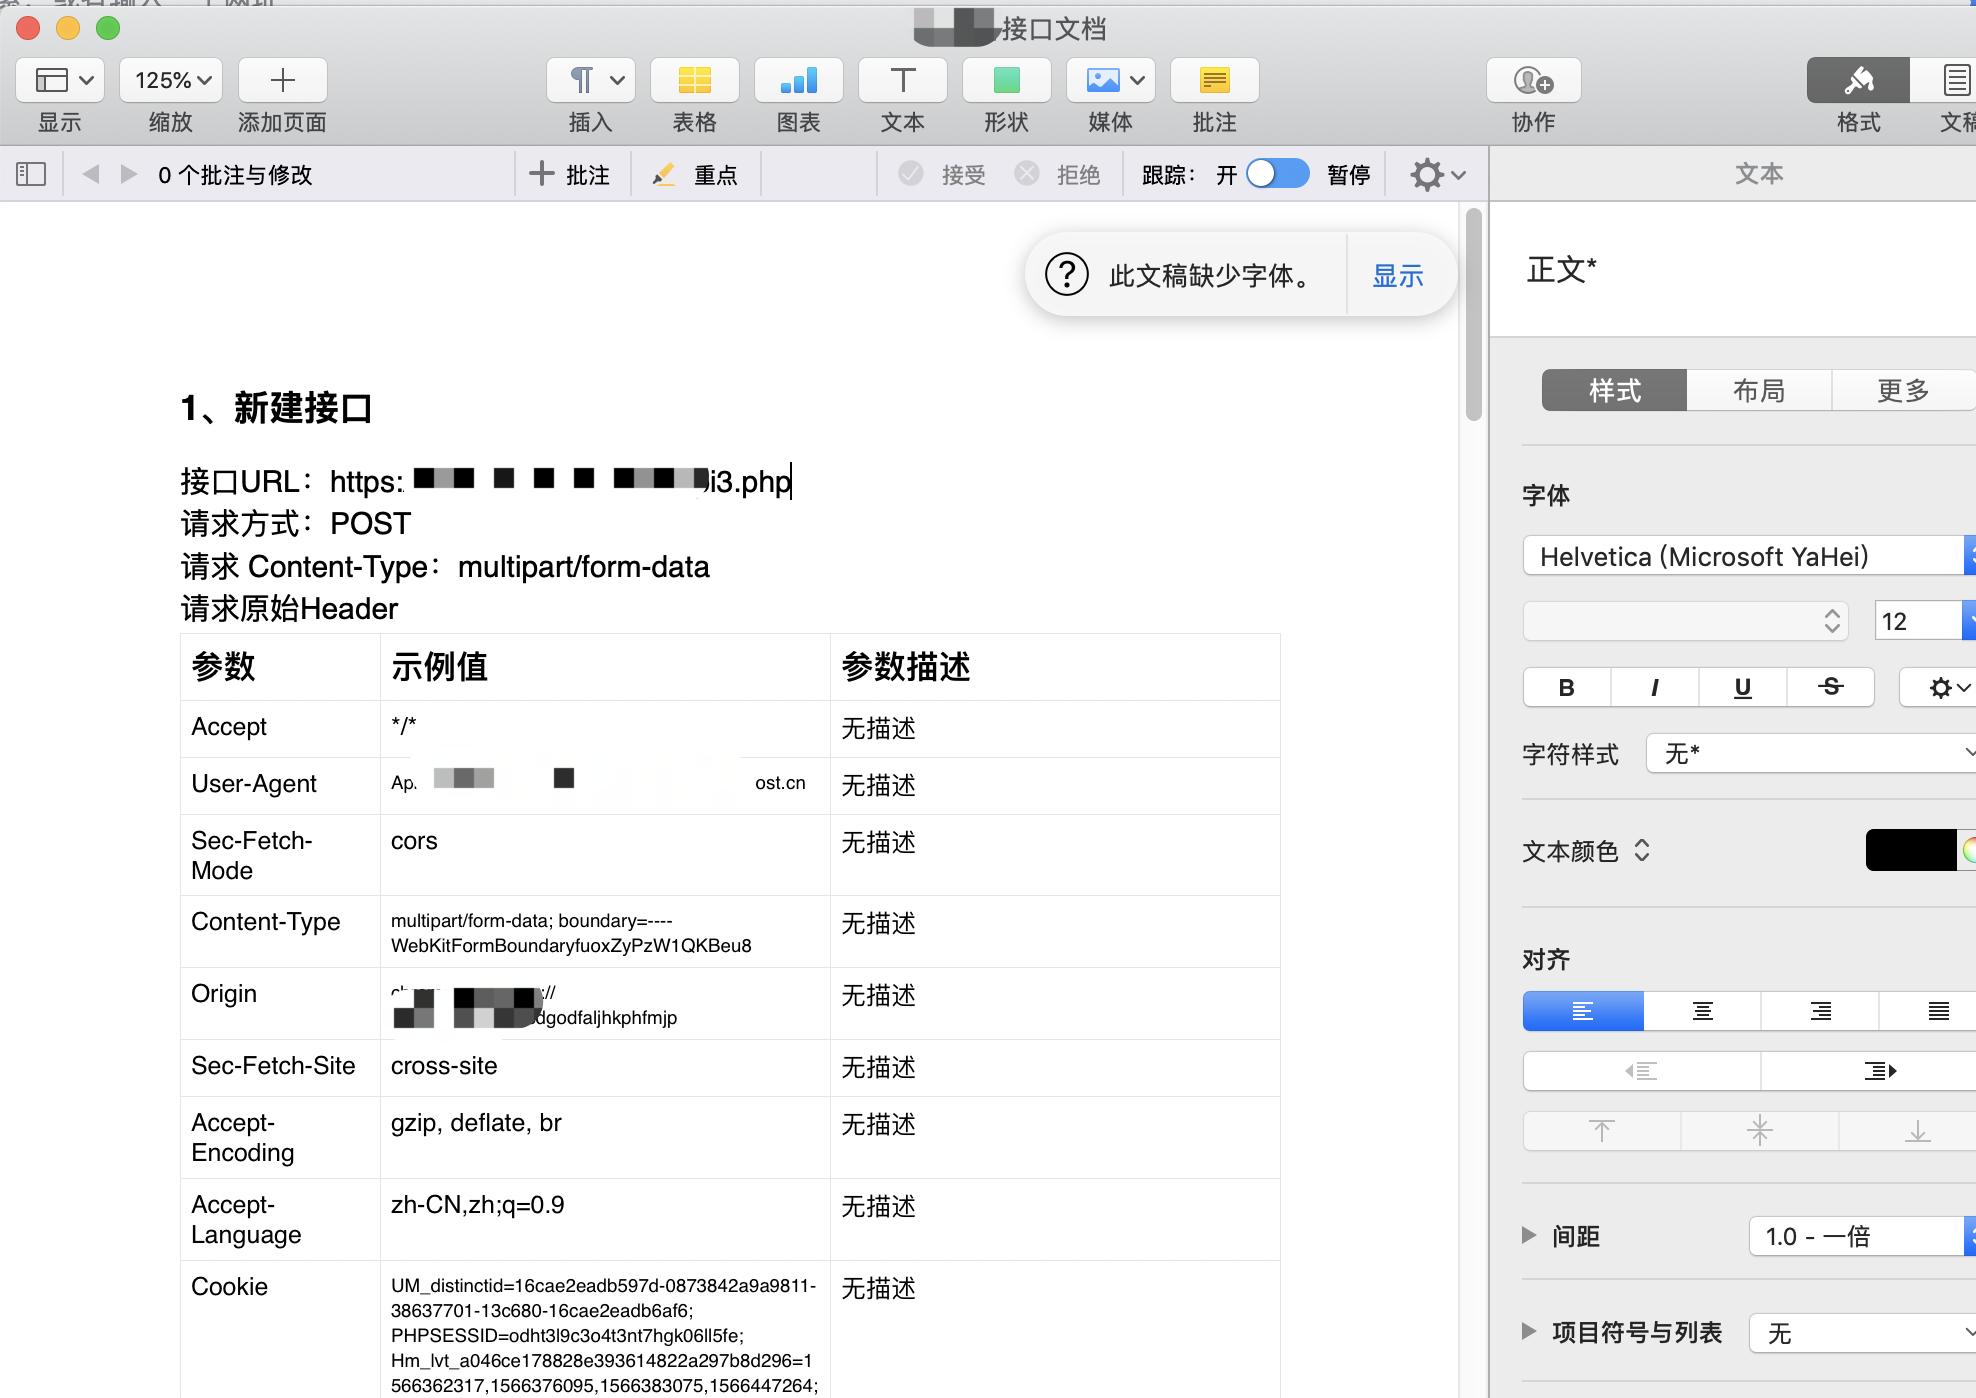 生成PDF的确实改进了,但是希望把框子改成单线,看的比较舒服!看来,骂还是有用的,不然一直这样不改进